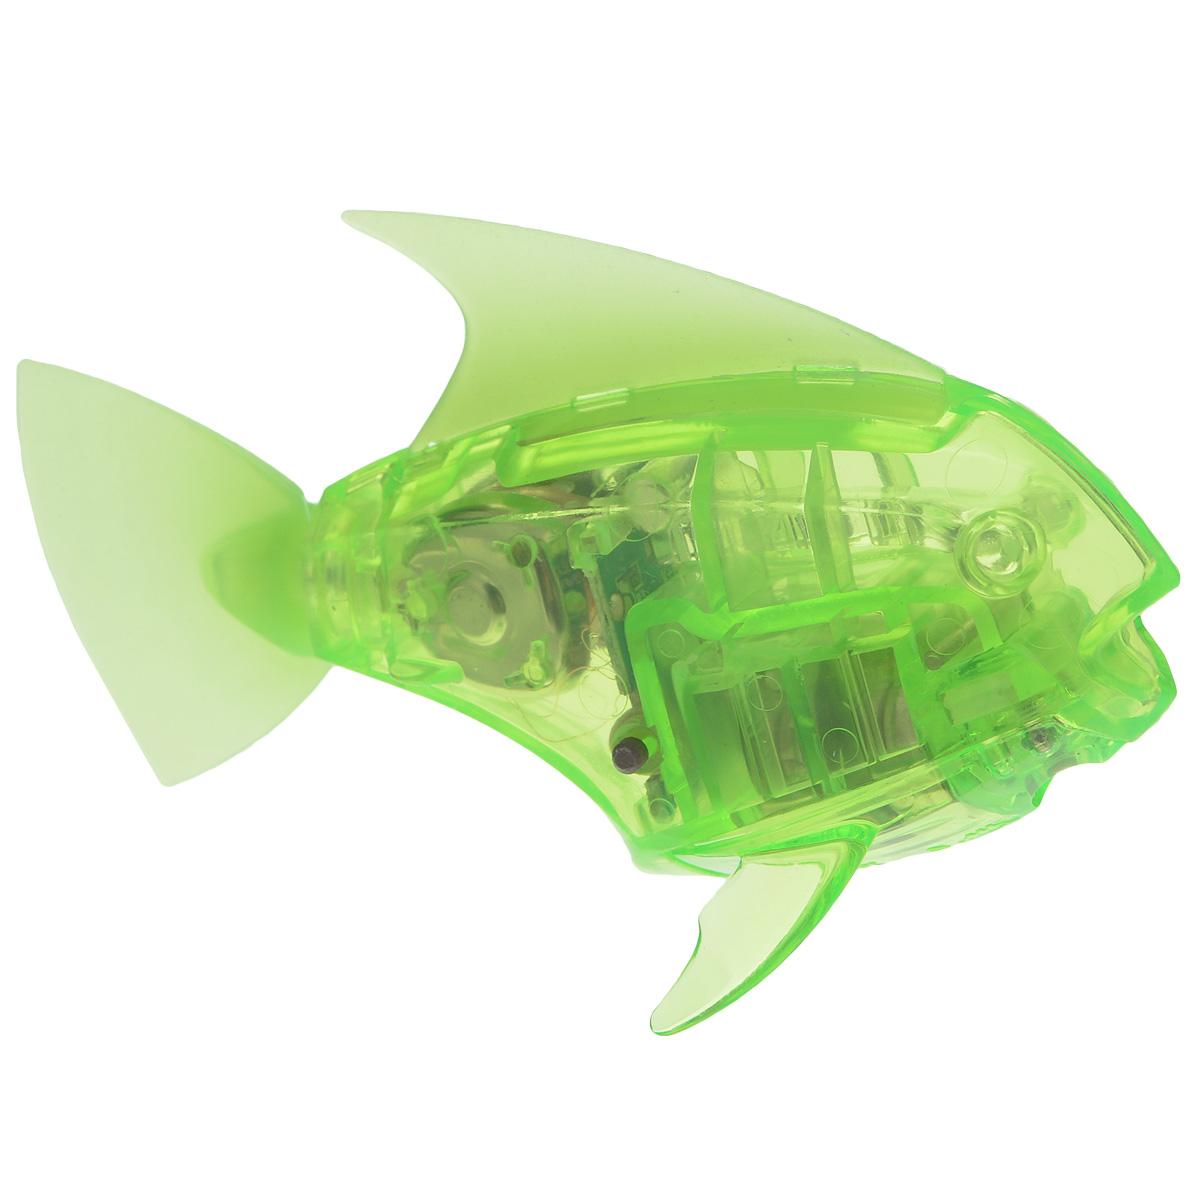 Микро-робот рыбка Hexbug Aquabot Angelfish, со световыми эффектами, цвет: салатовый460-2976салатовыйУникальный микро-робот рыбка Hexbug Aquabot Angelfish изготовлен из безопасного пластика и выполнен в виде забавной рыбки. Теперь микро-роботы осваивают и водные глубины! Микро-робот рыбка Hexbug Aquabot Angelfish плавает как настоящая рыба и непредсказуем в направлении движения. Опустите его в воду и он оживет! Если микро-робот замер, то достаточно просто всколыхнуть воду и он снова поплывёт. Вне воды микро-робот автоматически выключается. Но и это еще не все, теперь микро-роботы рыбки оснащены световыми эффектами! Для работы игрушки необходимы 2 батареи типа LR44 (в комплекте 2 демонстрационные и 2 запасные батареи).